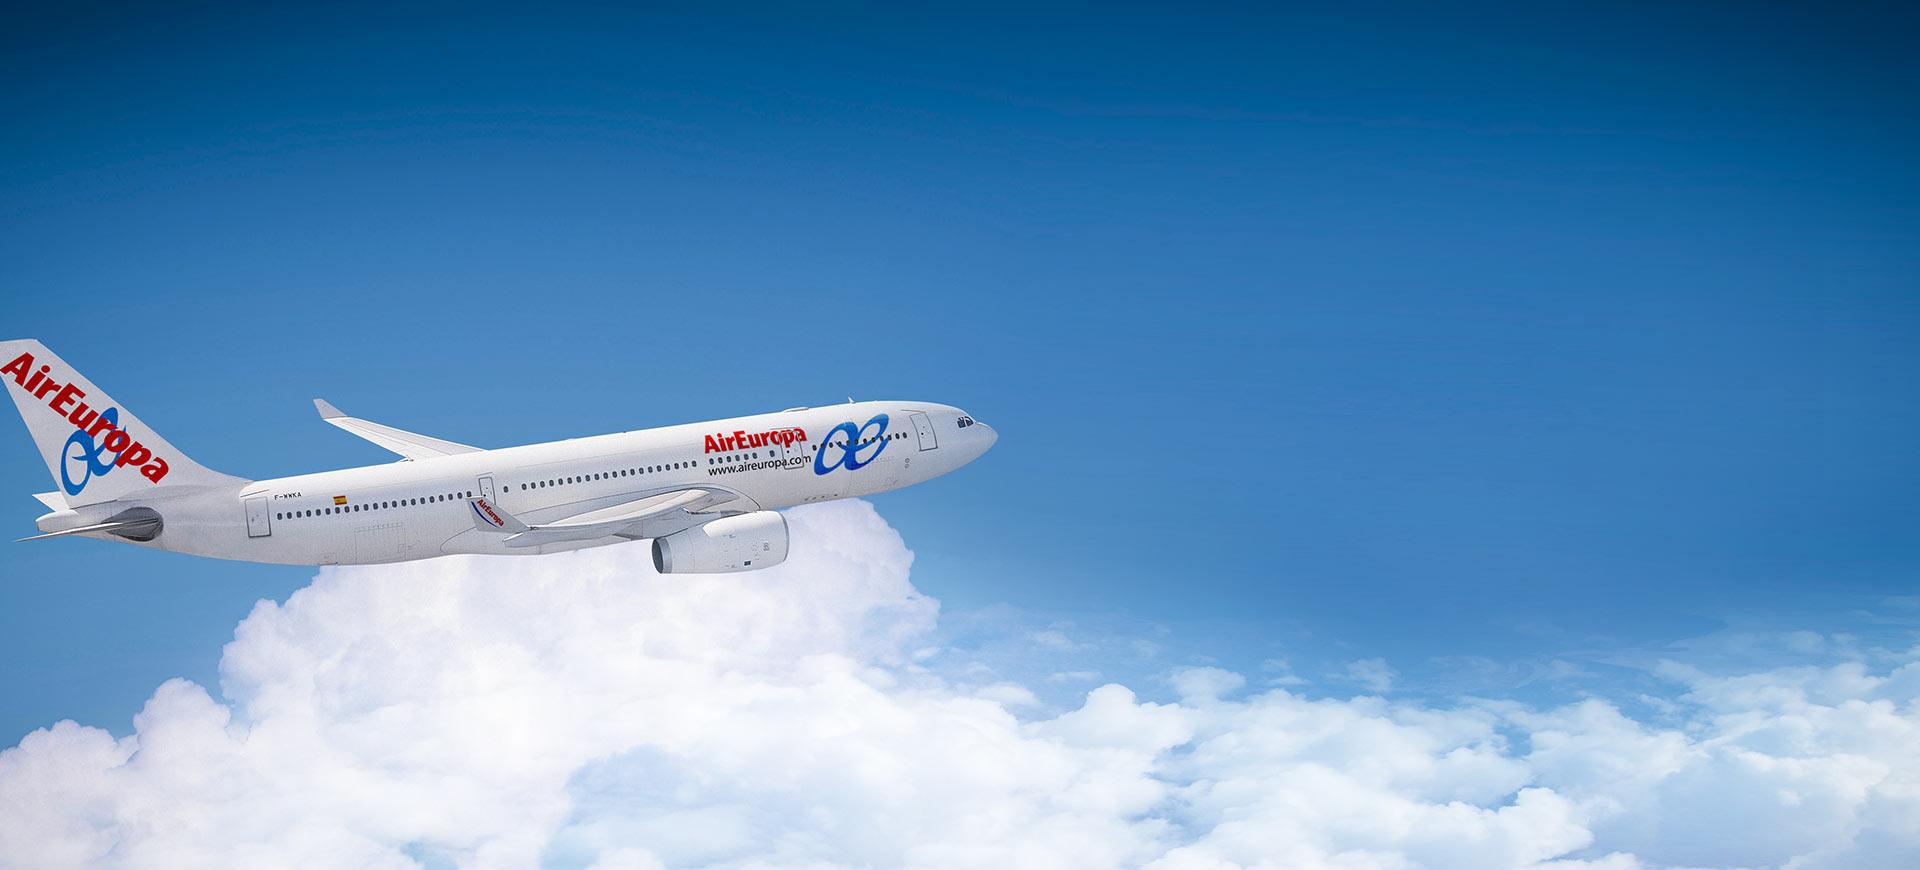 Airbus-330-200